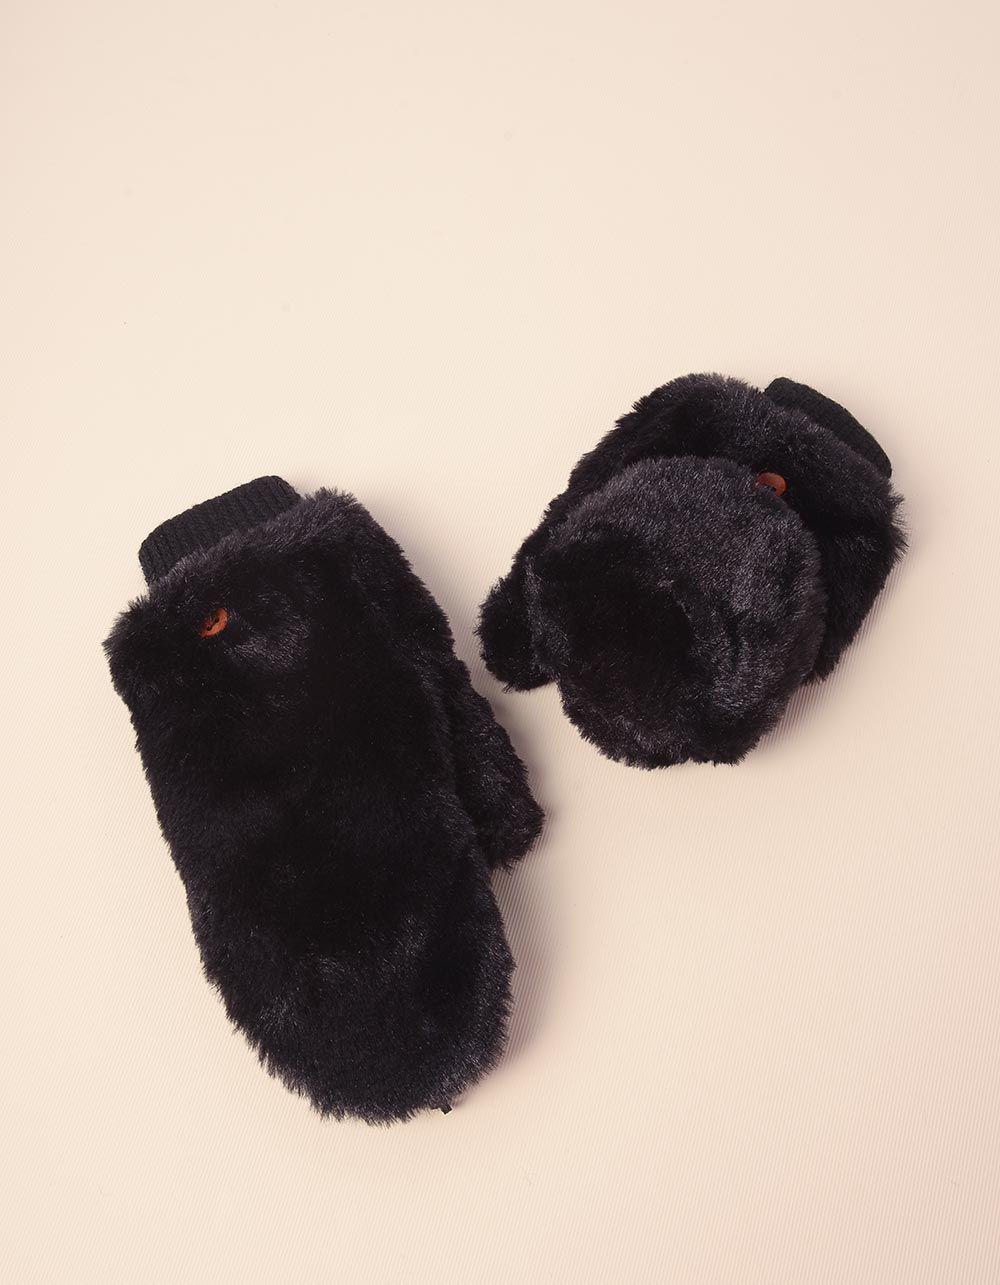 Рукавички мітенки теплі з гудзиками | 238477-02-XX